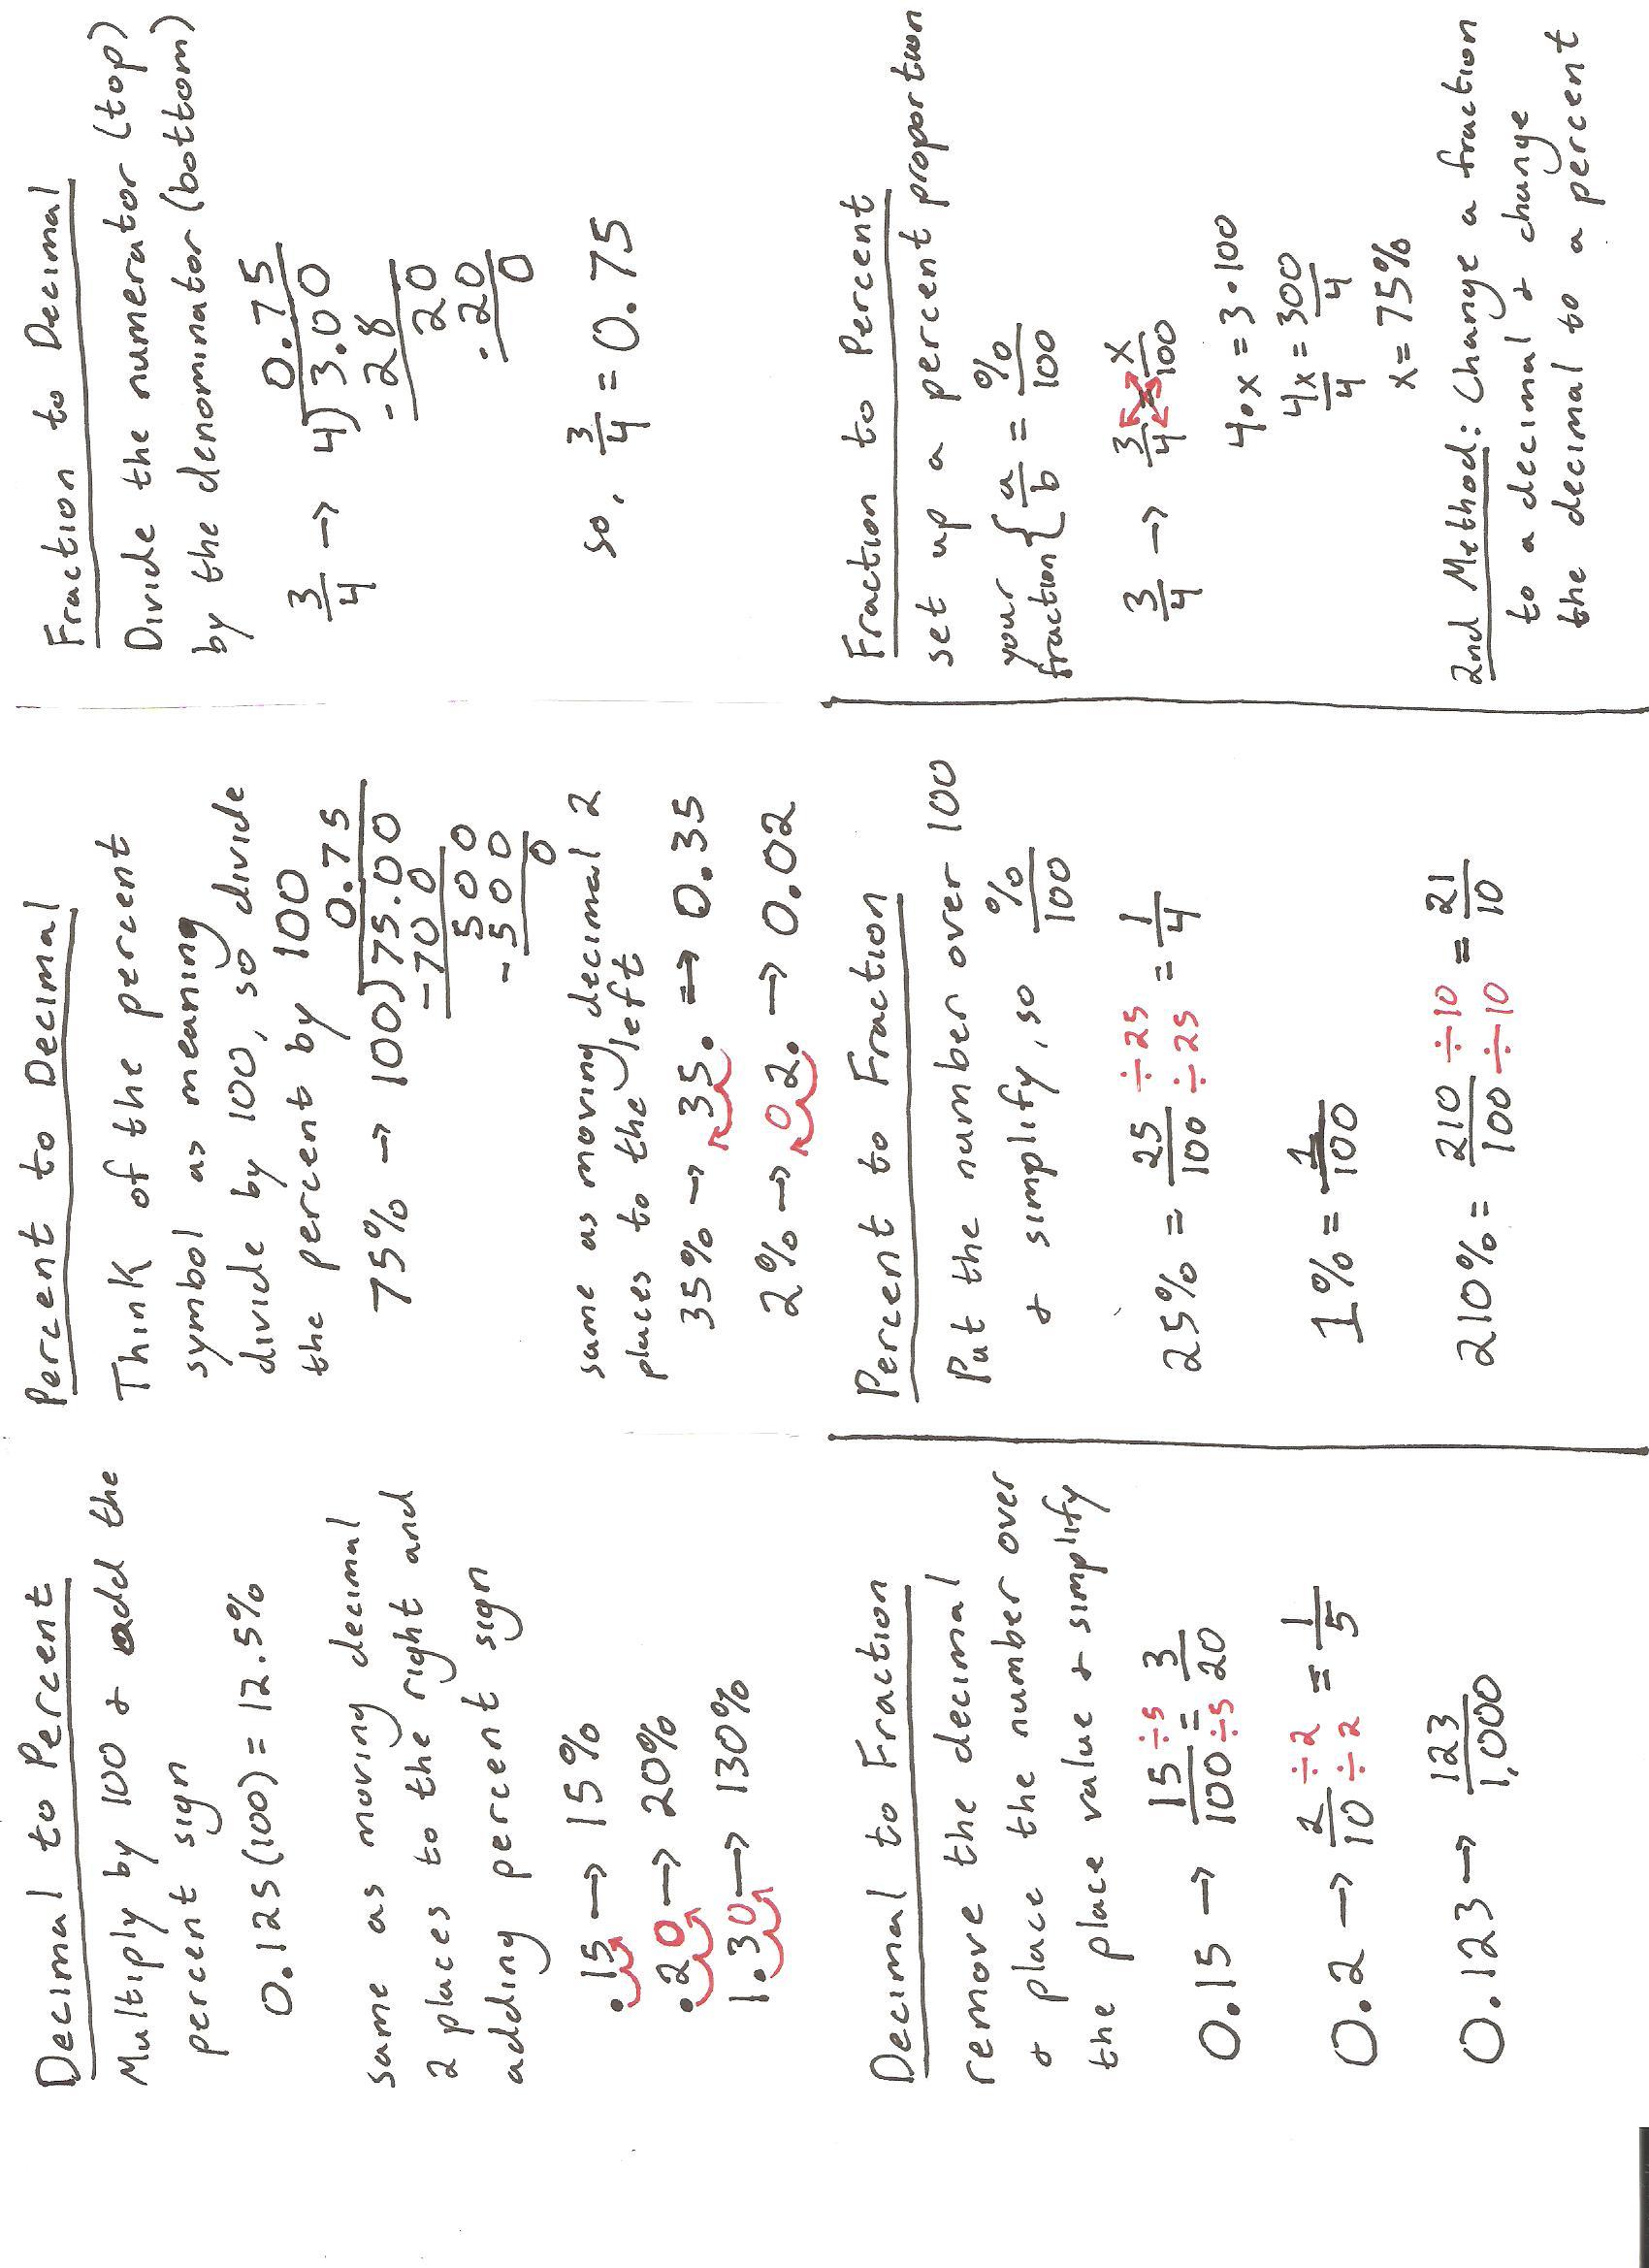 sept._26th_decimal_percent_fraction_foldable.jpg